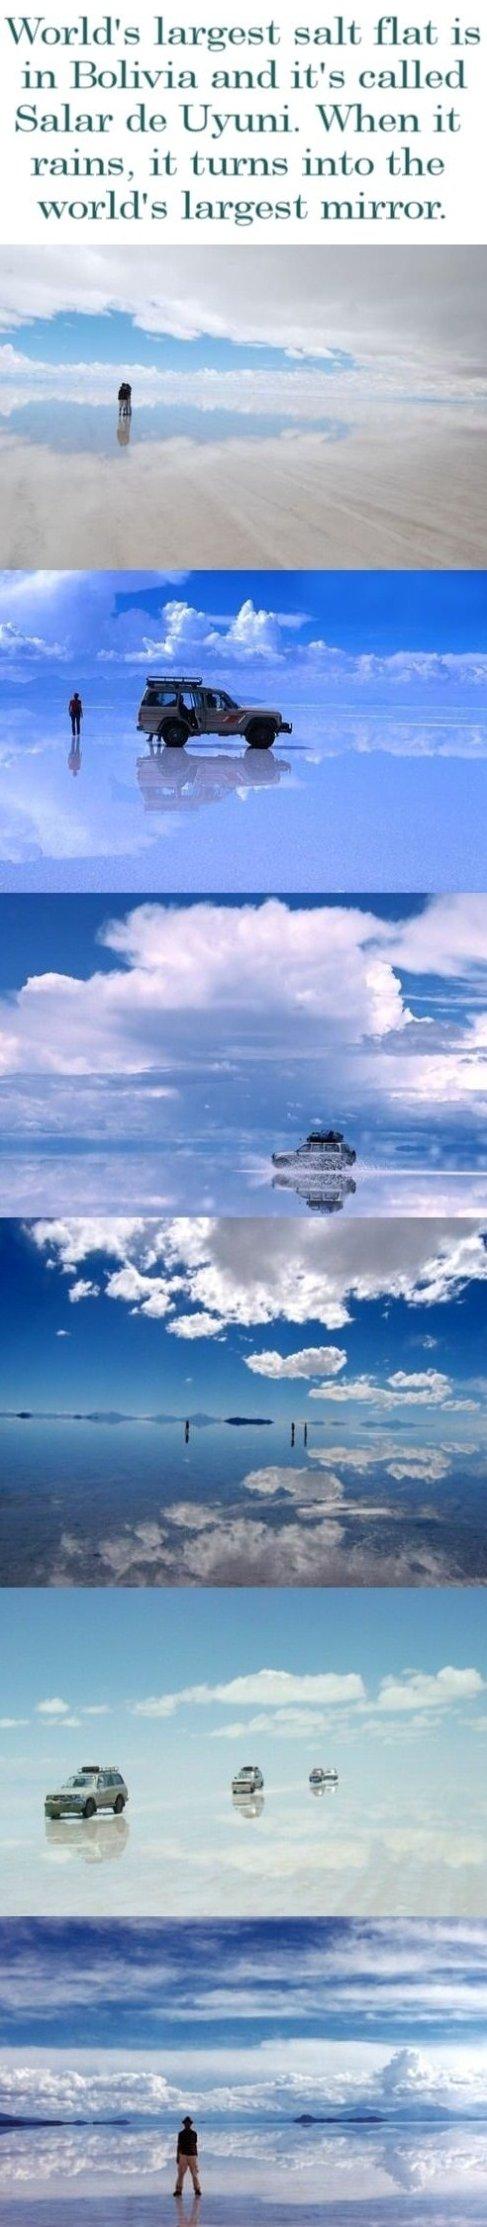 Salar de Uyuni – Border between heaven and Earth